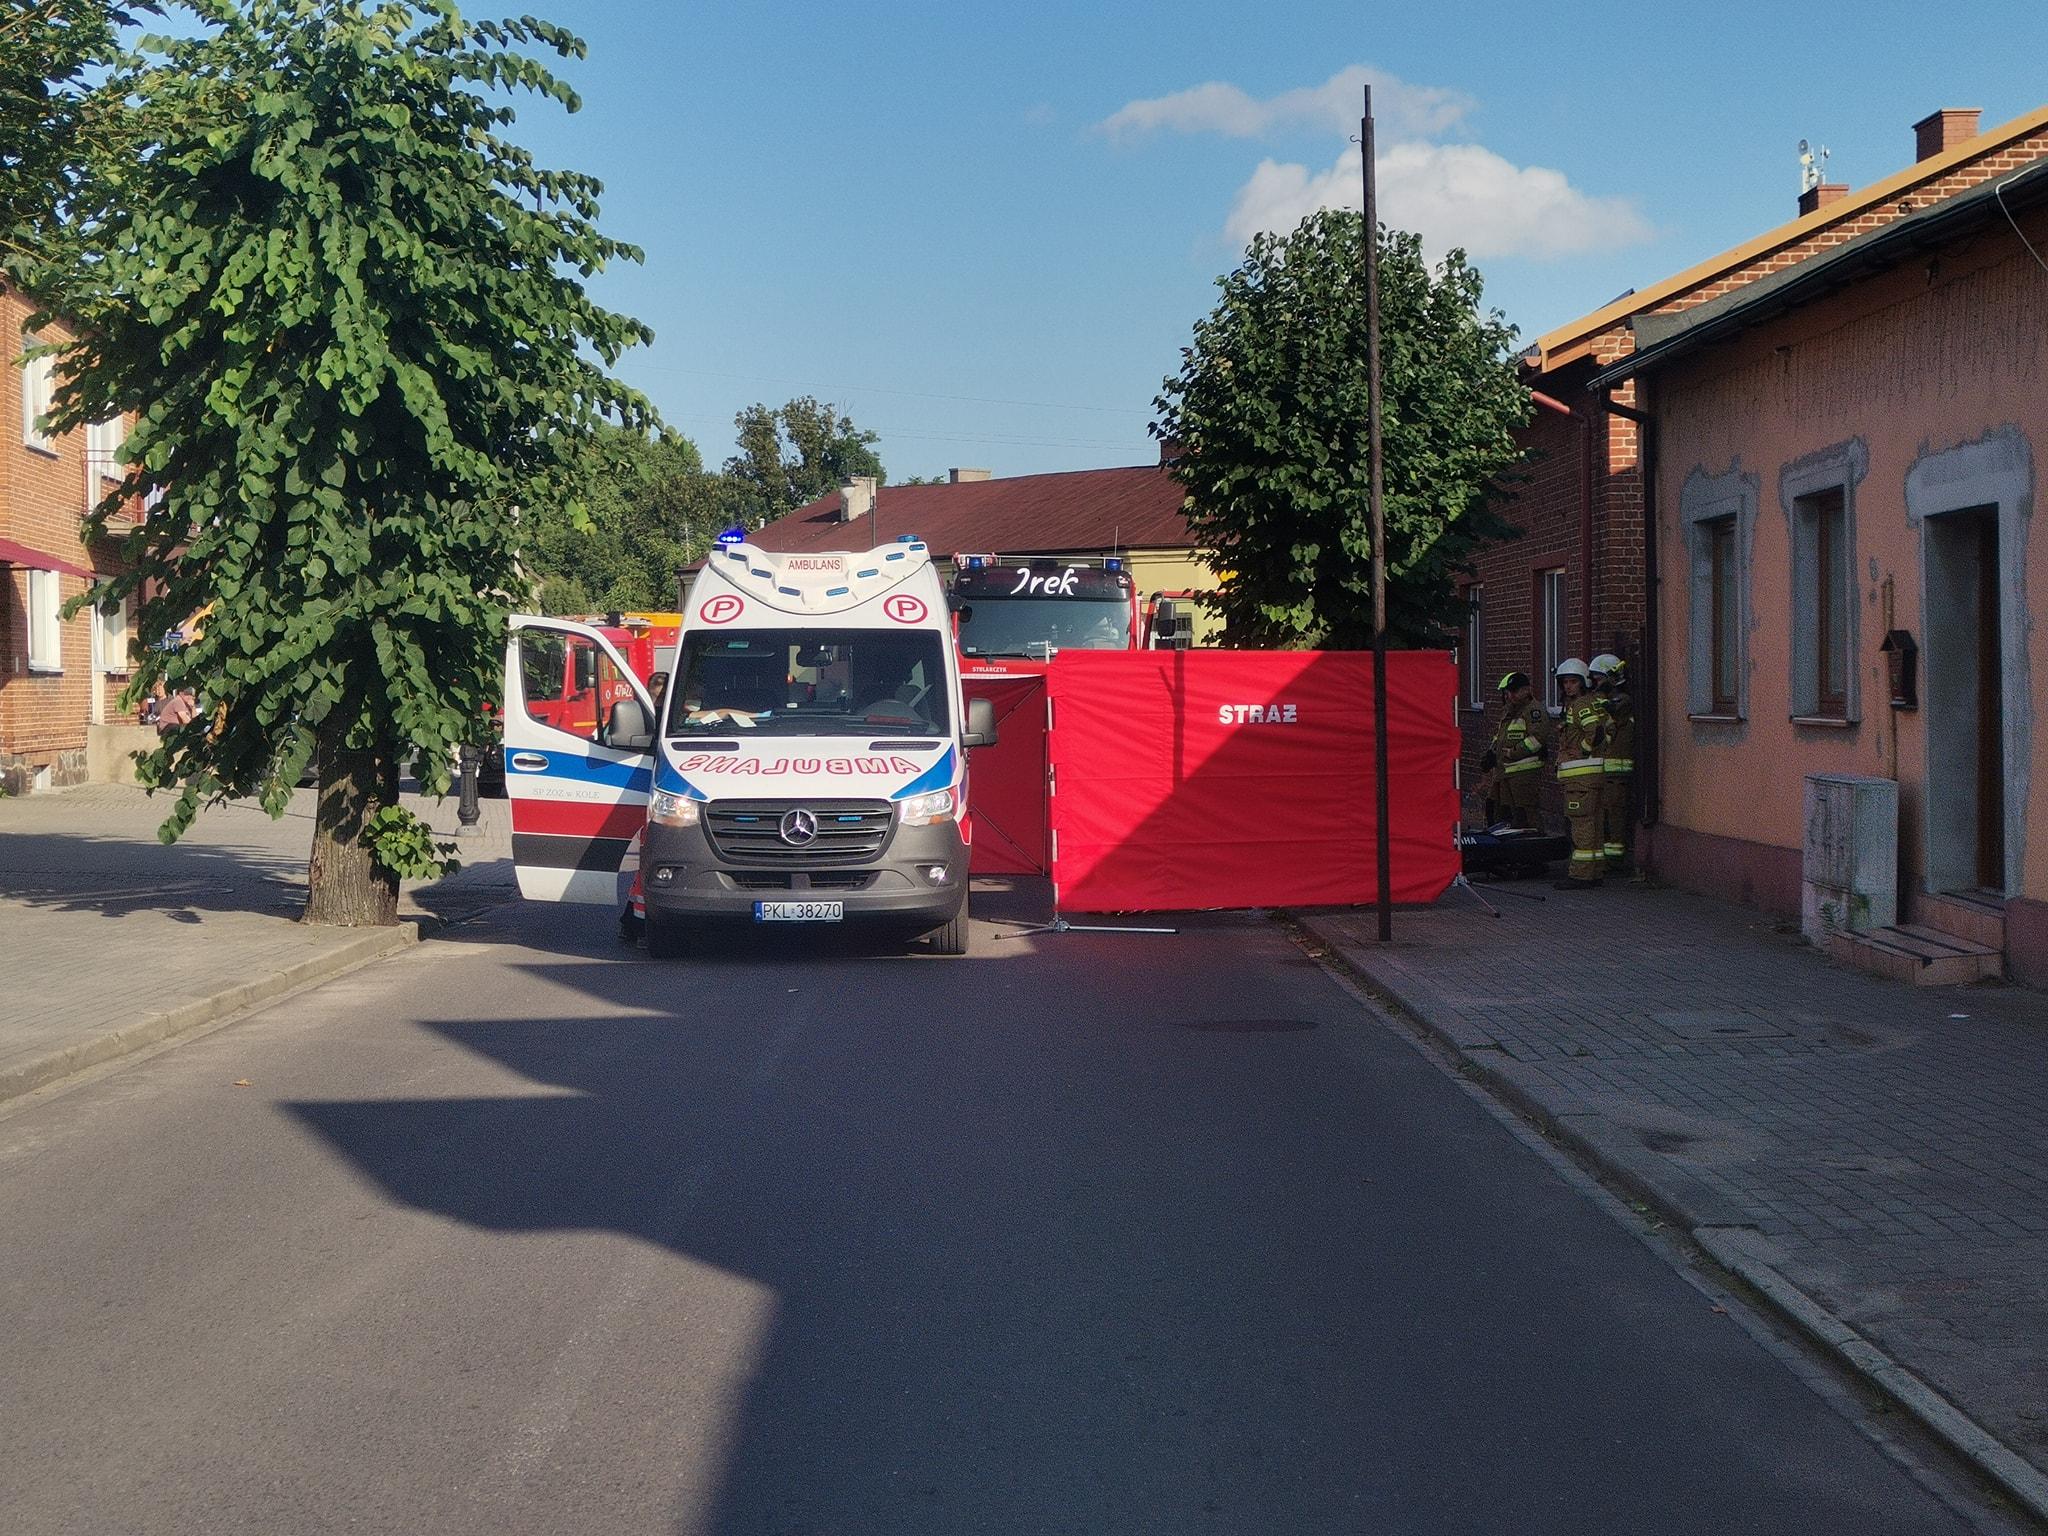 Motocyklista z dużą prędkością uderzył w ścianę budynku